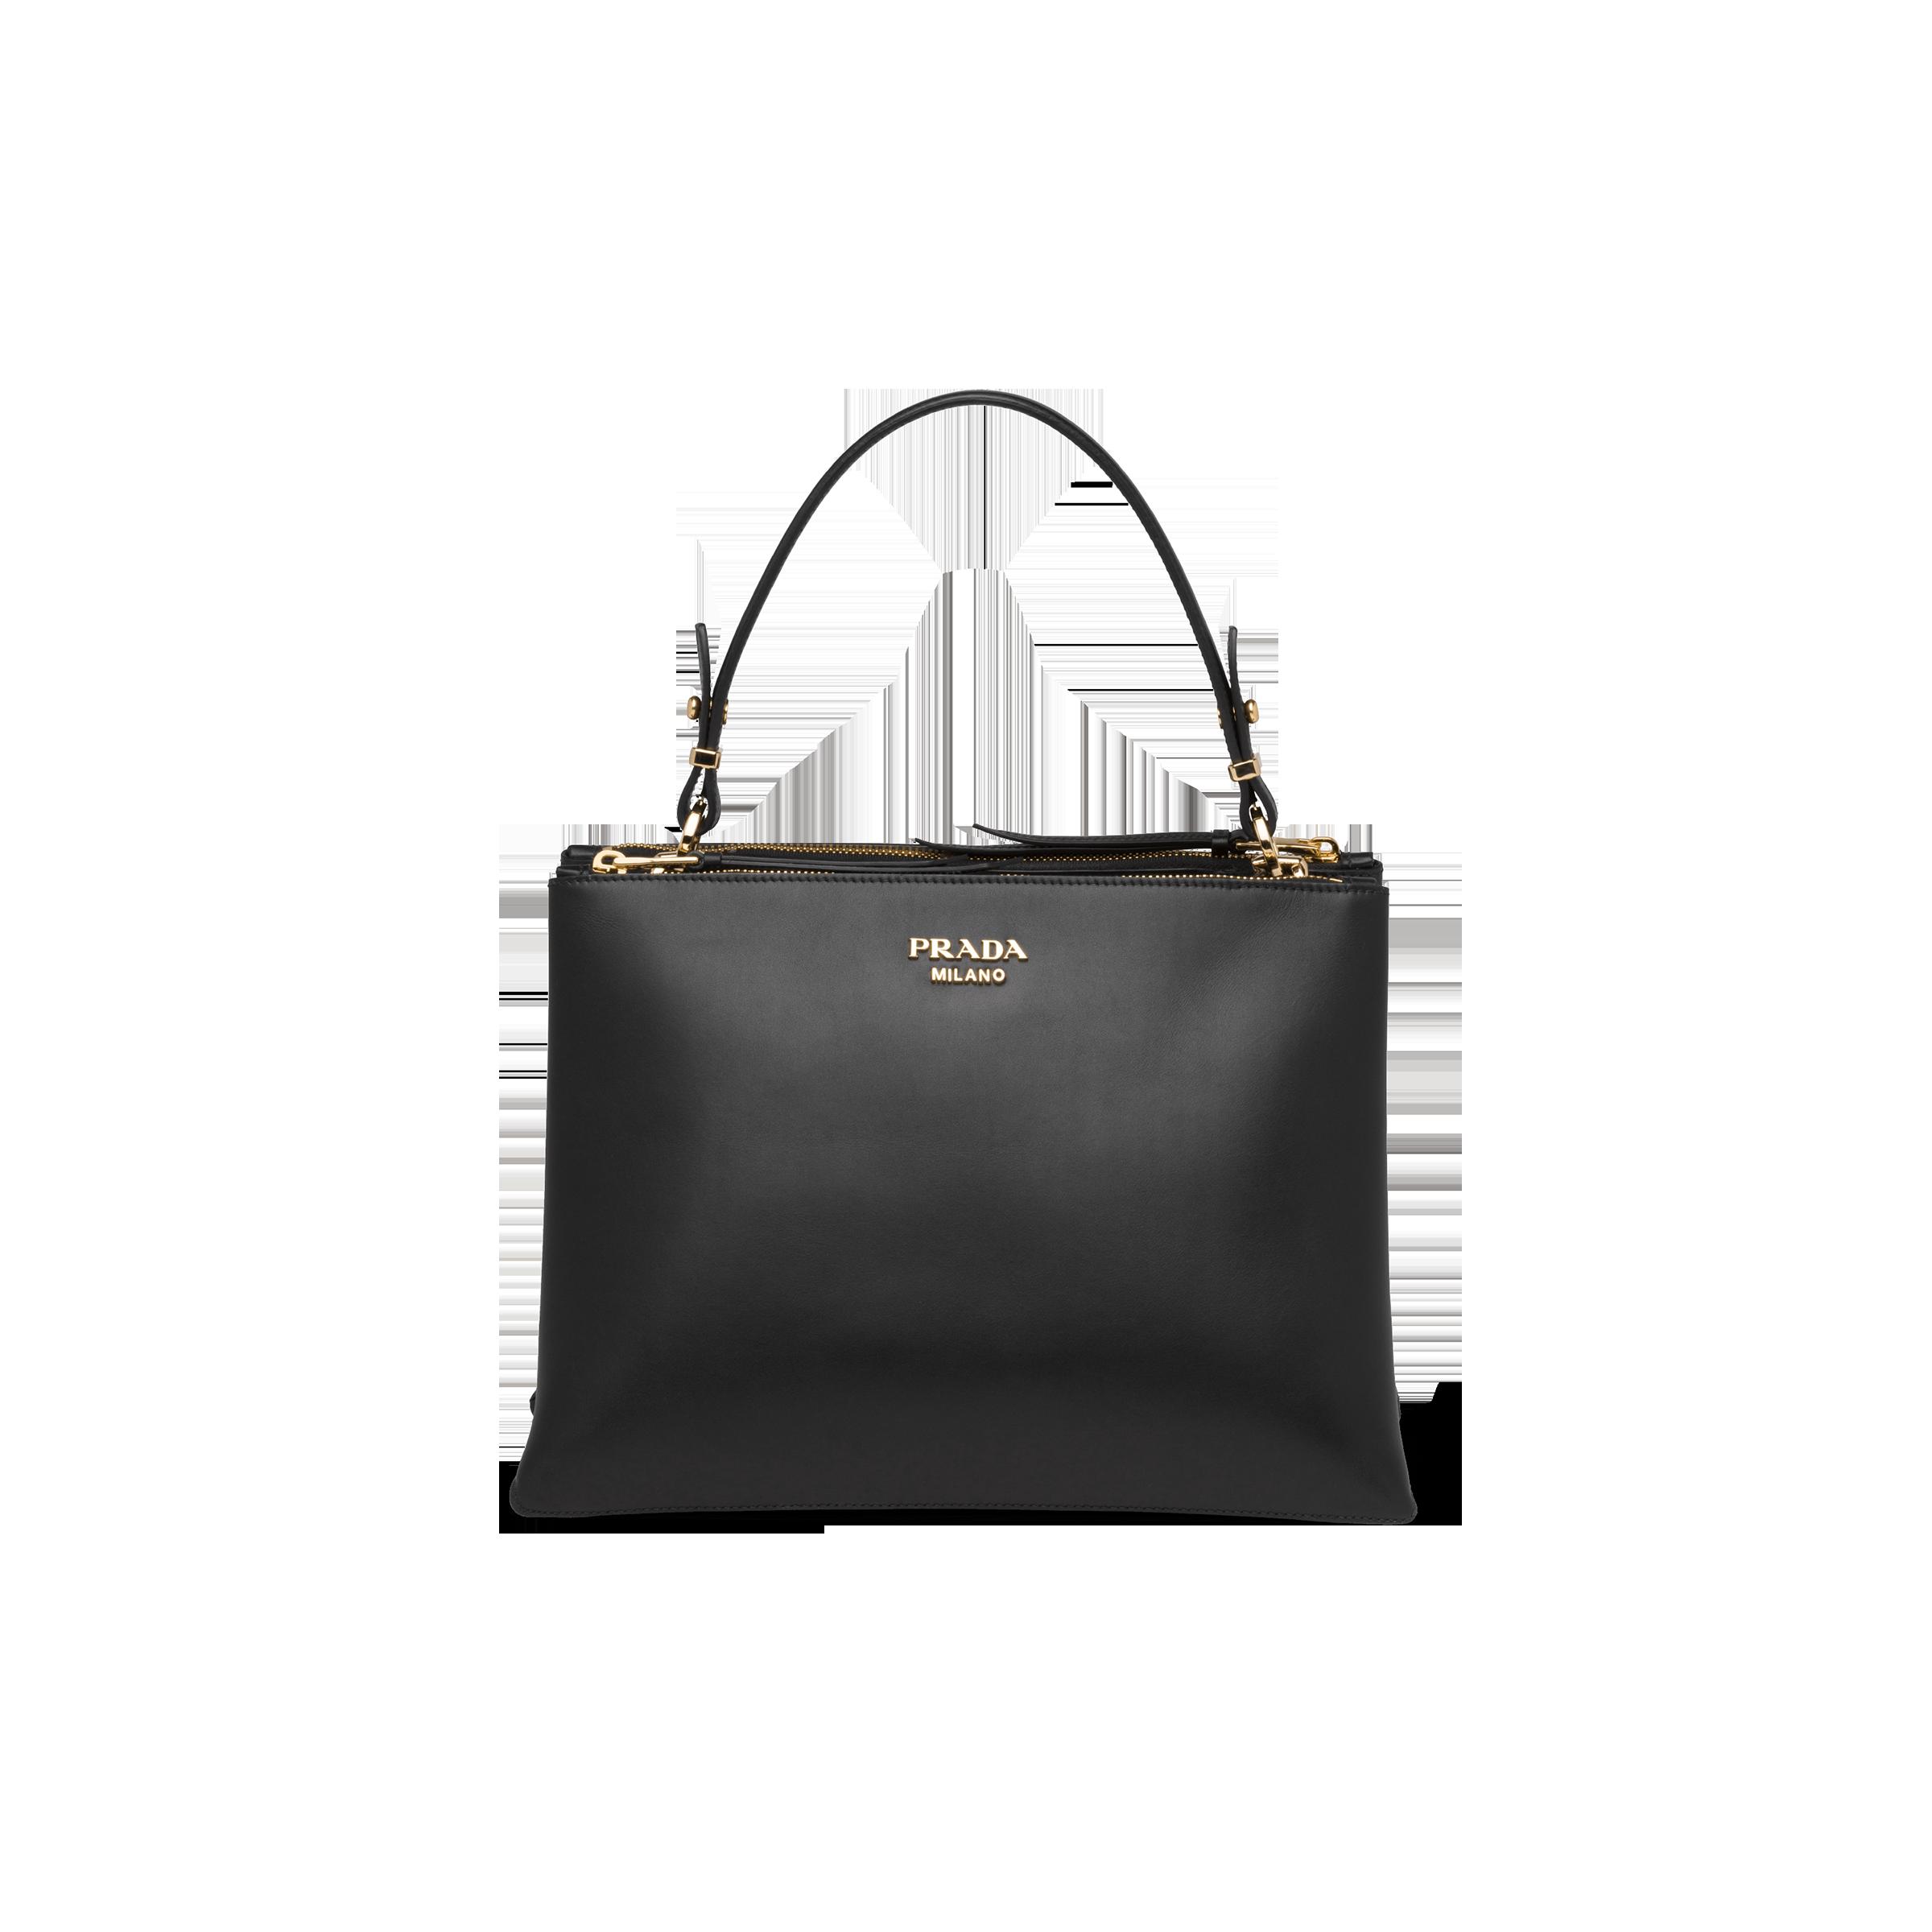 Prada Deux large bag.